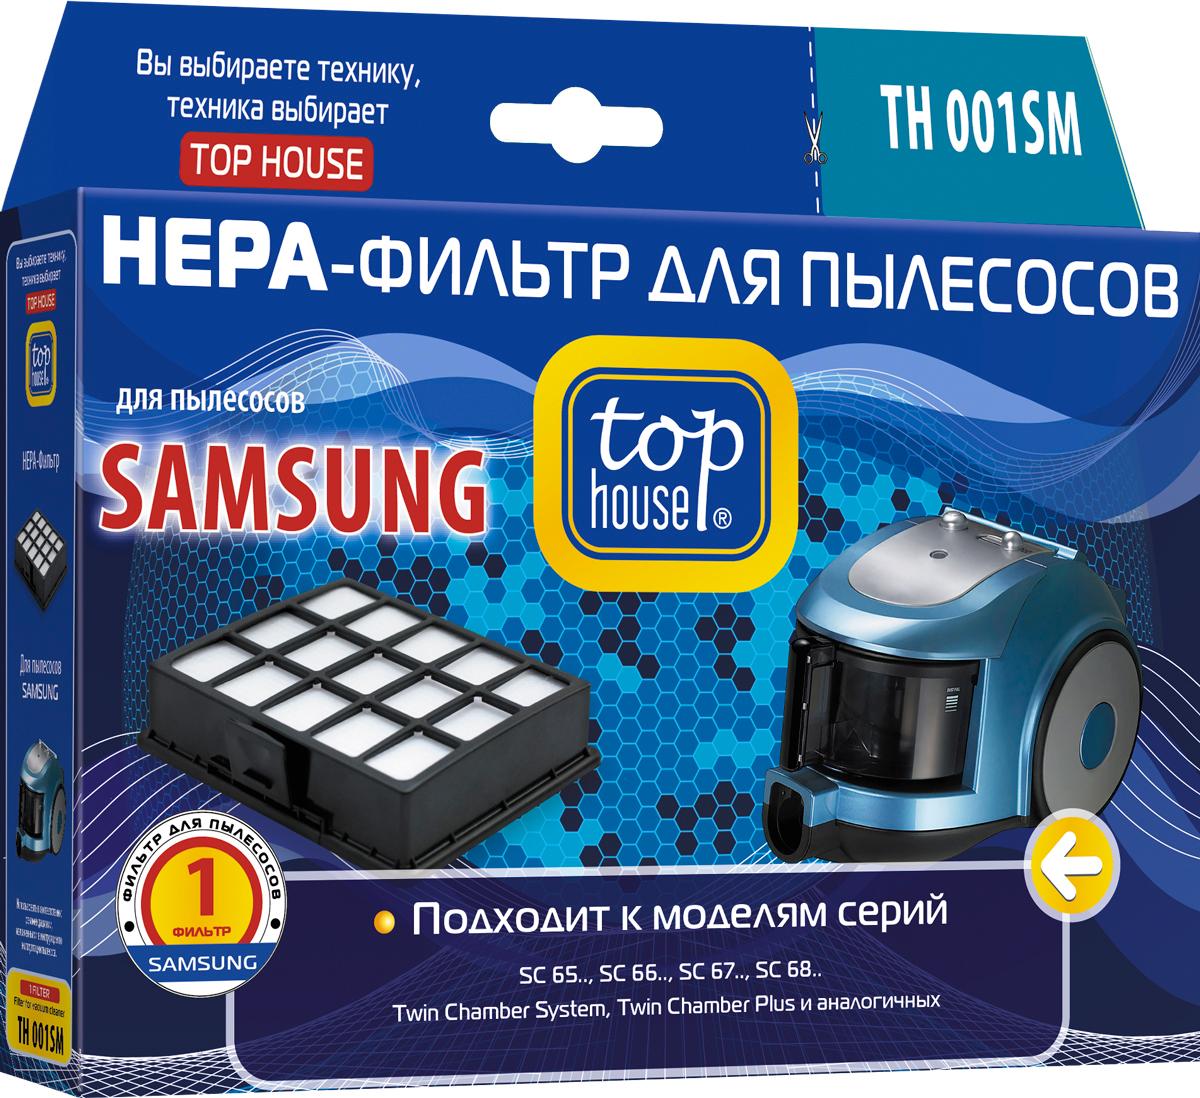 Top House TH 001SM HEPA-фильтр для пылесосов Samsung 392814